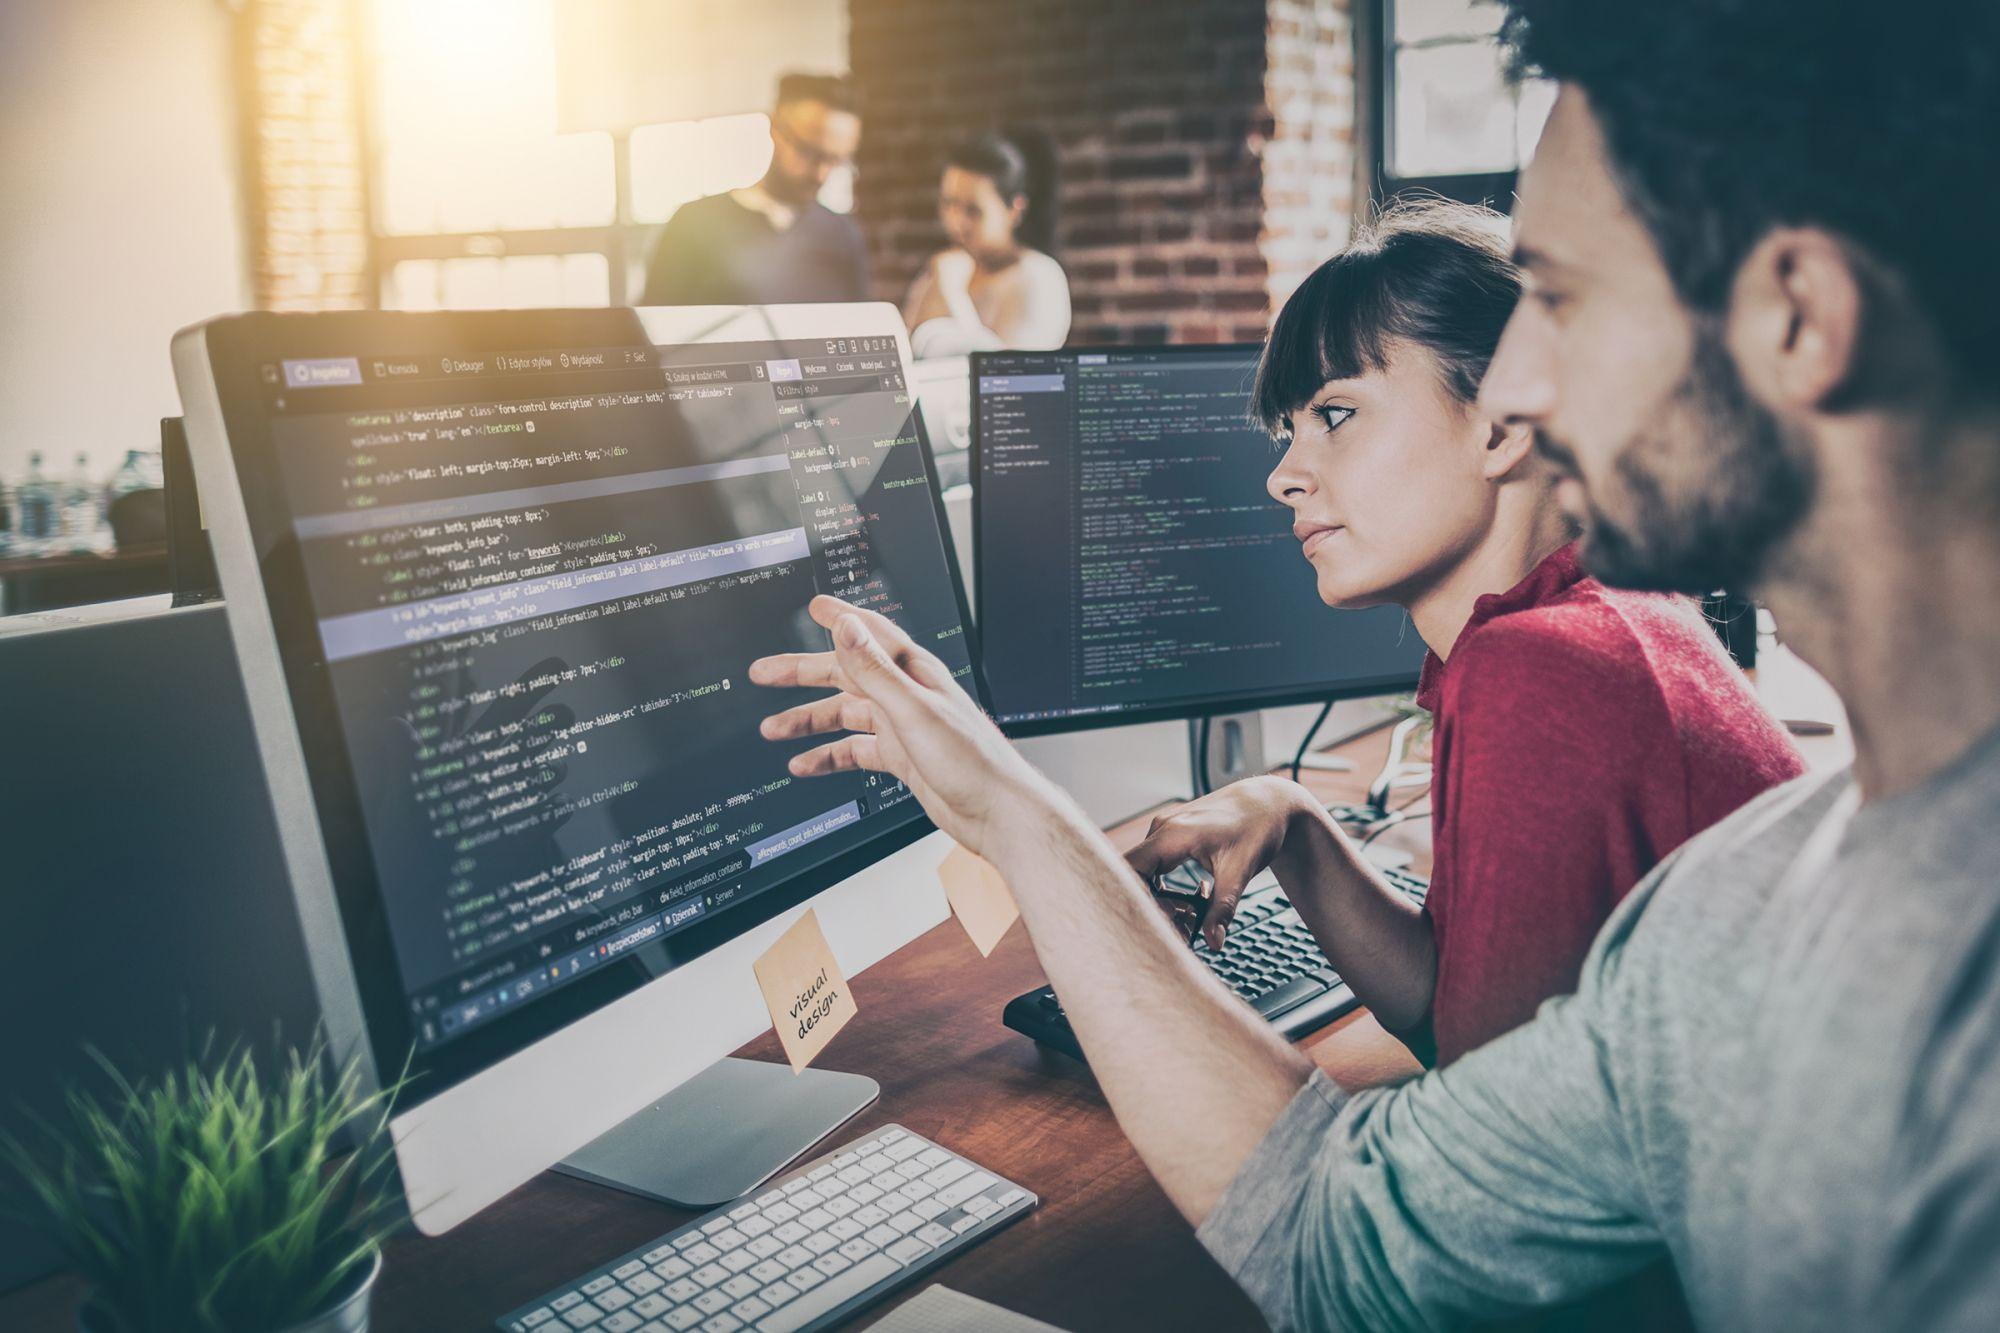 Фриланс инжиниринг удаленная работа в интернете для начинающих